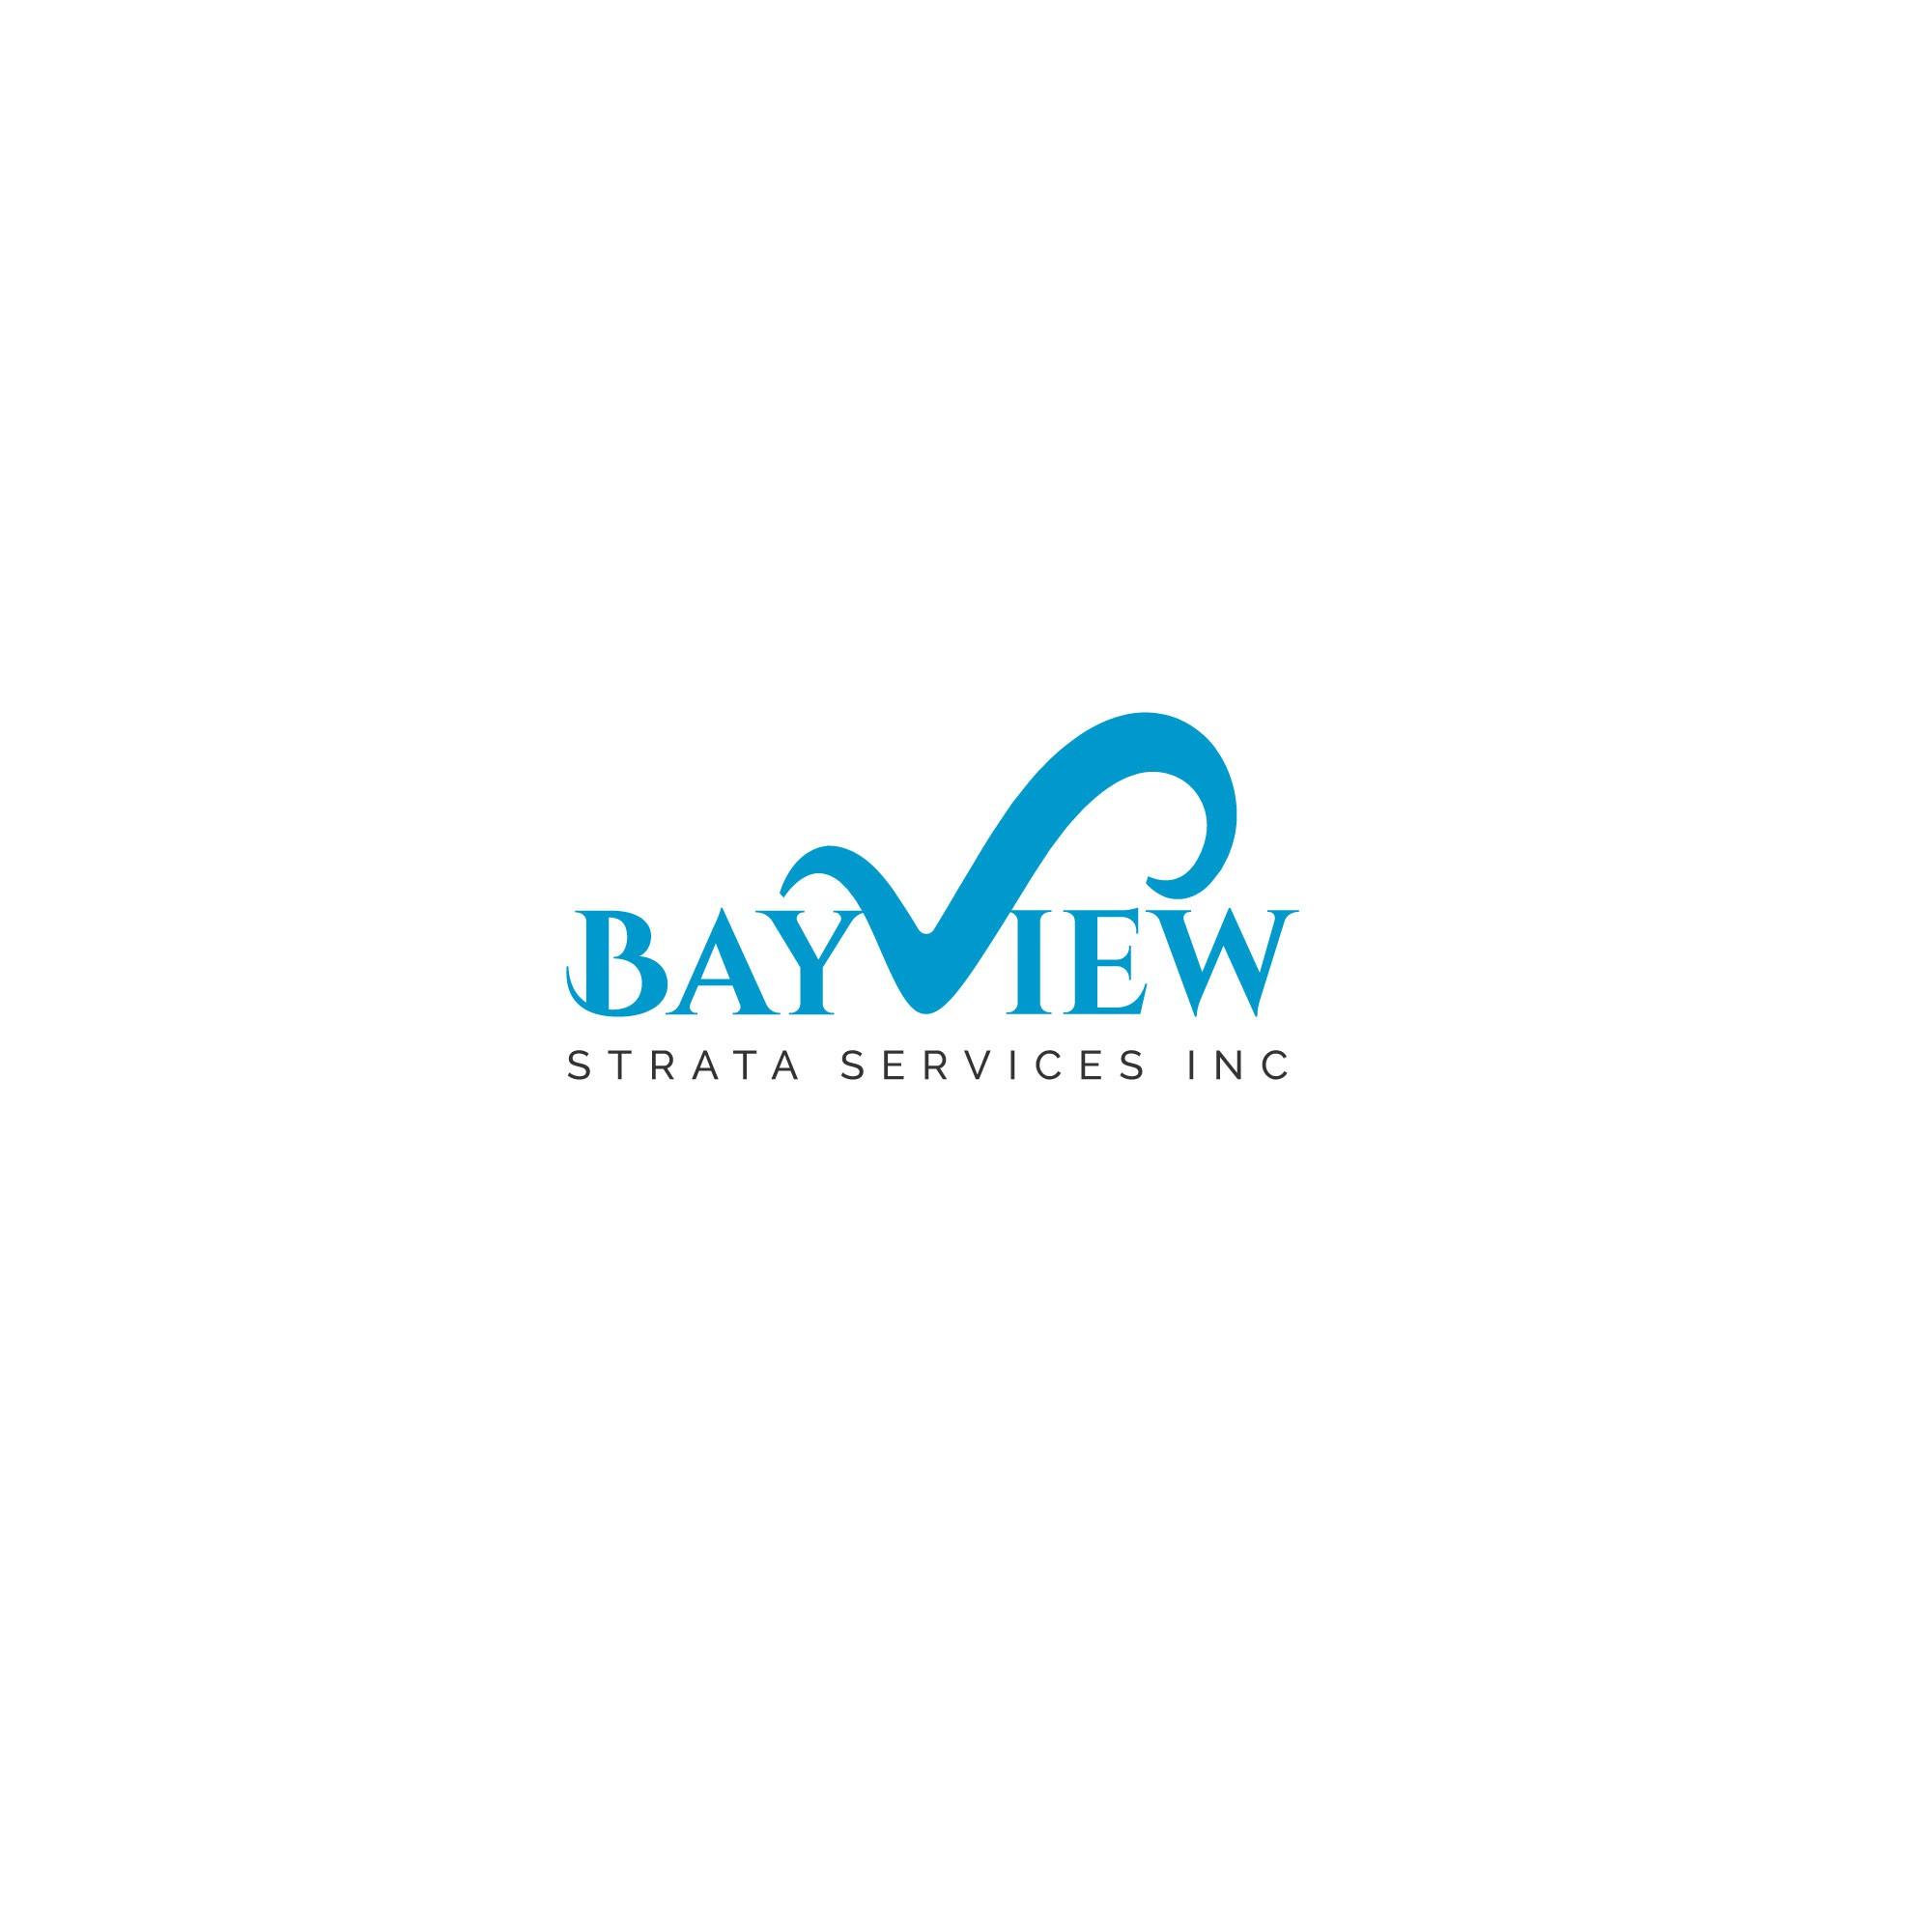 Bayview Strata Services Logo